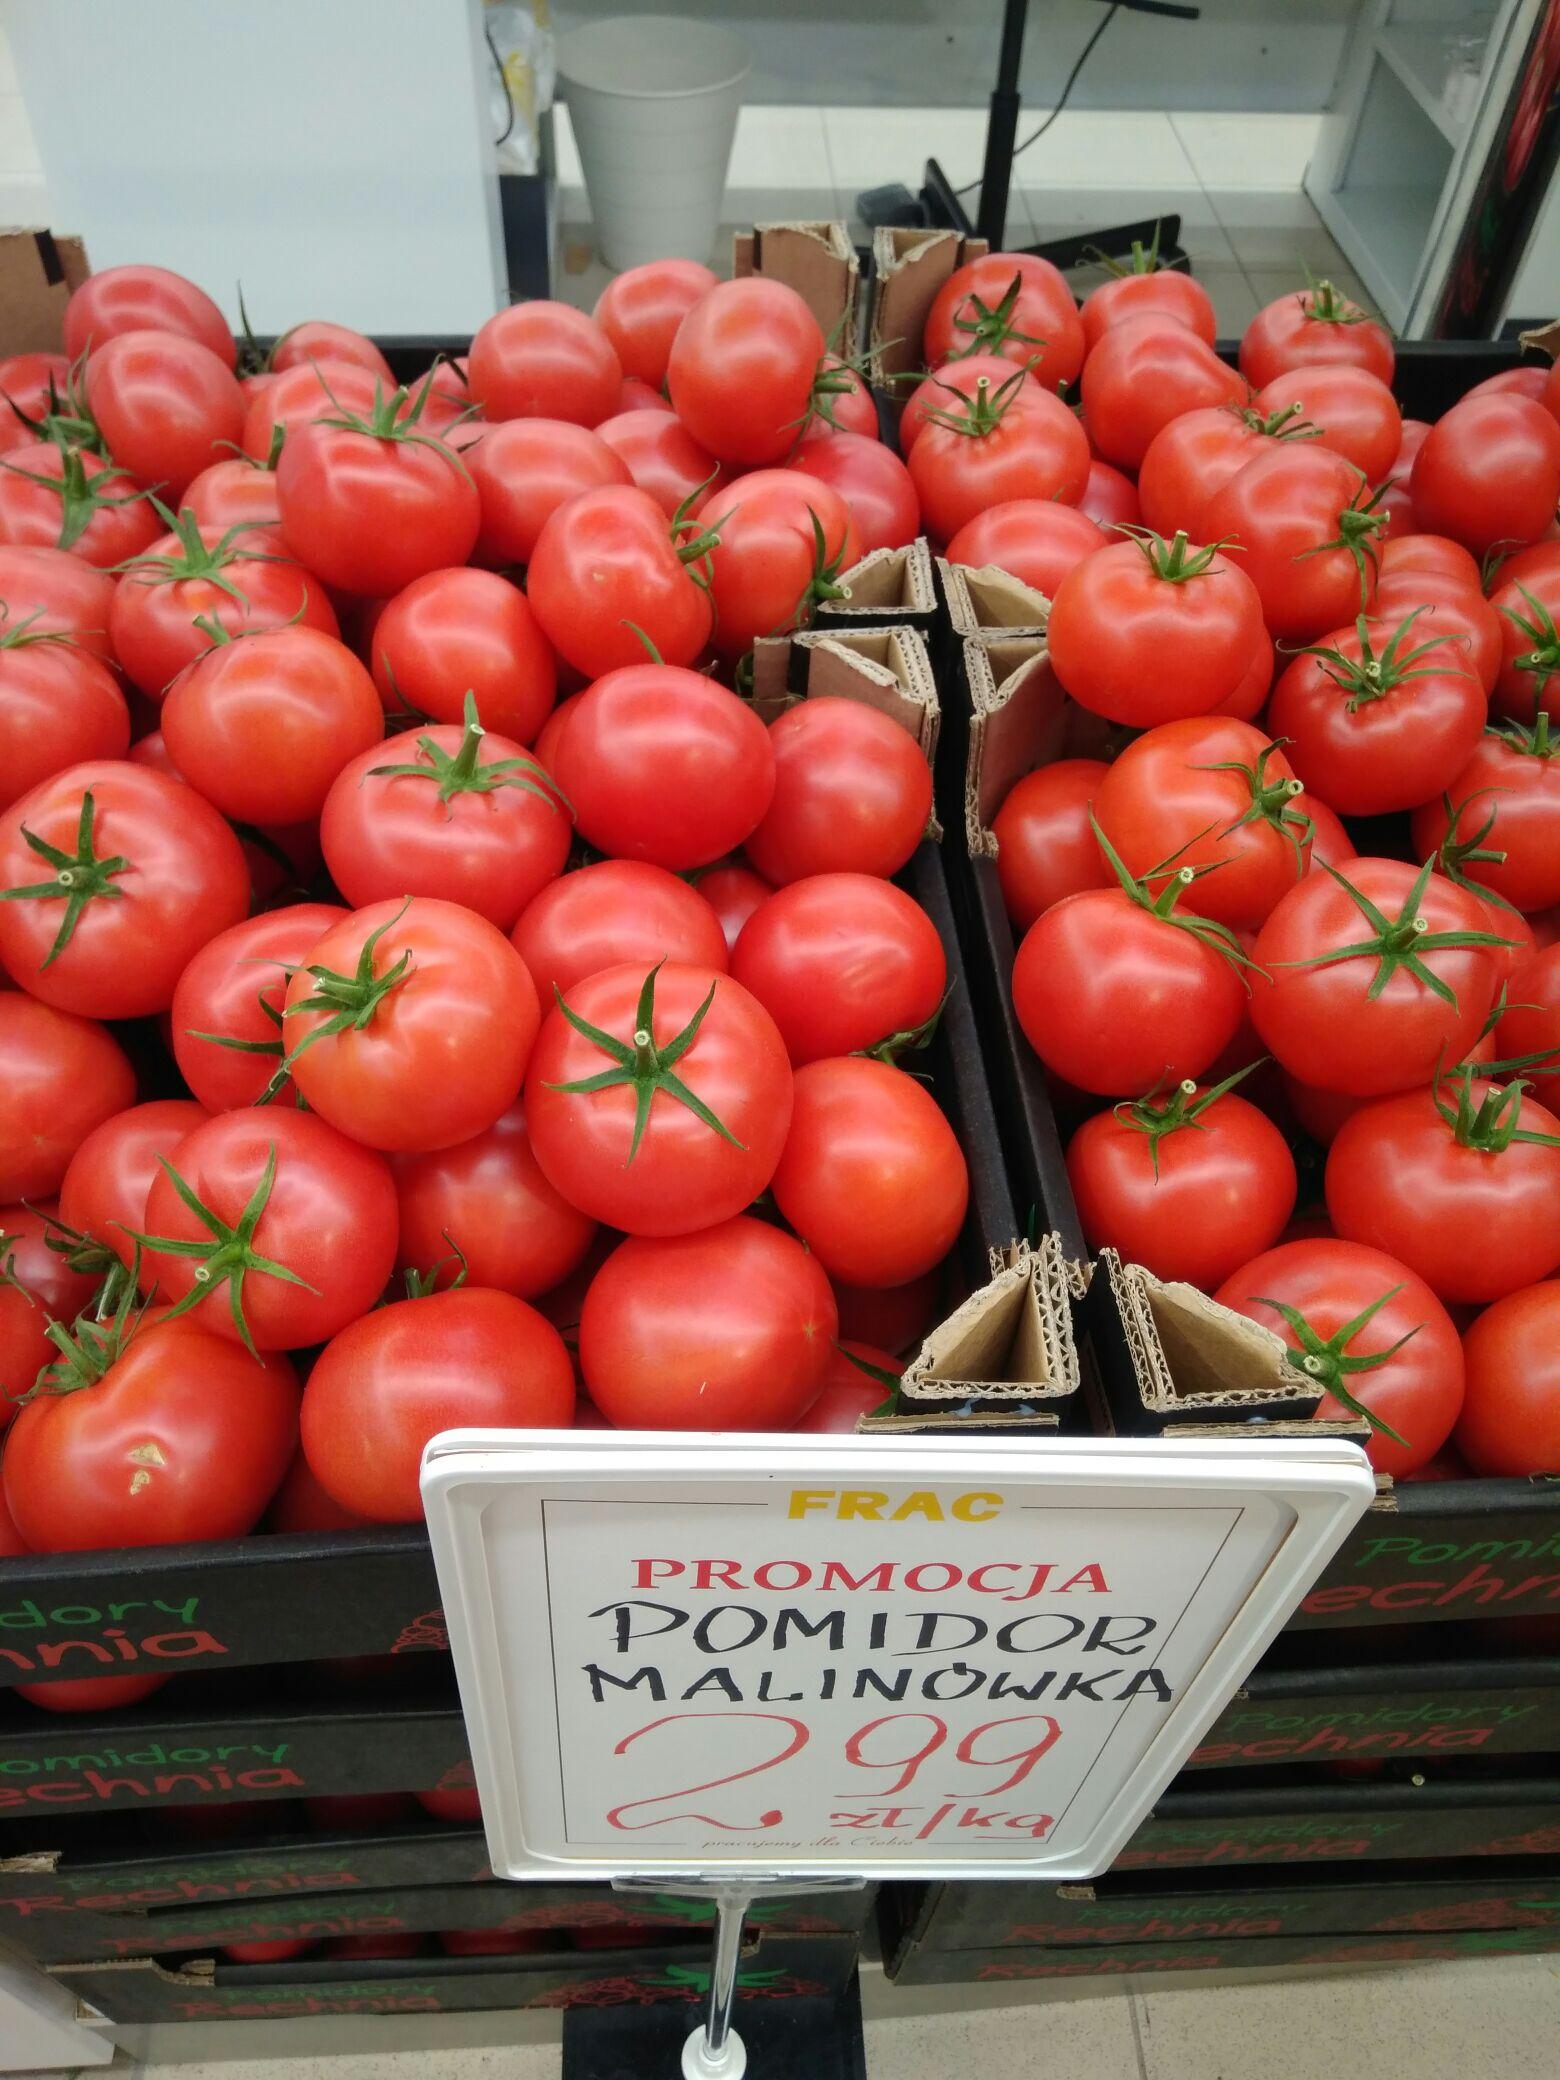 Pomidor malinowy / Frac / Warszawa, Puławska 131